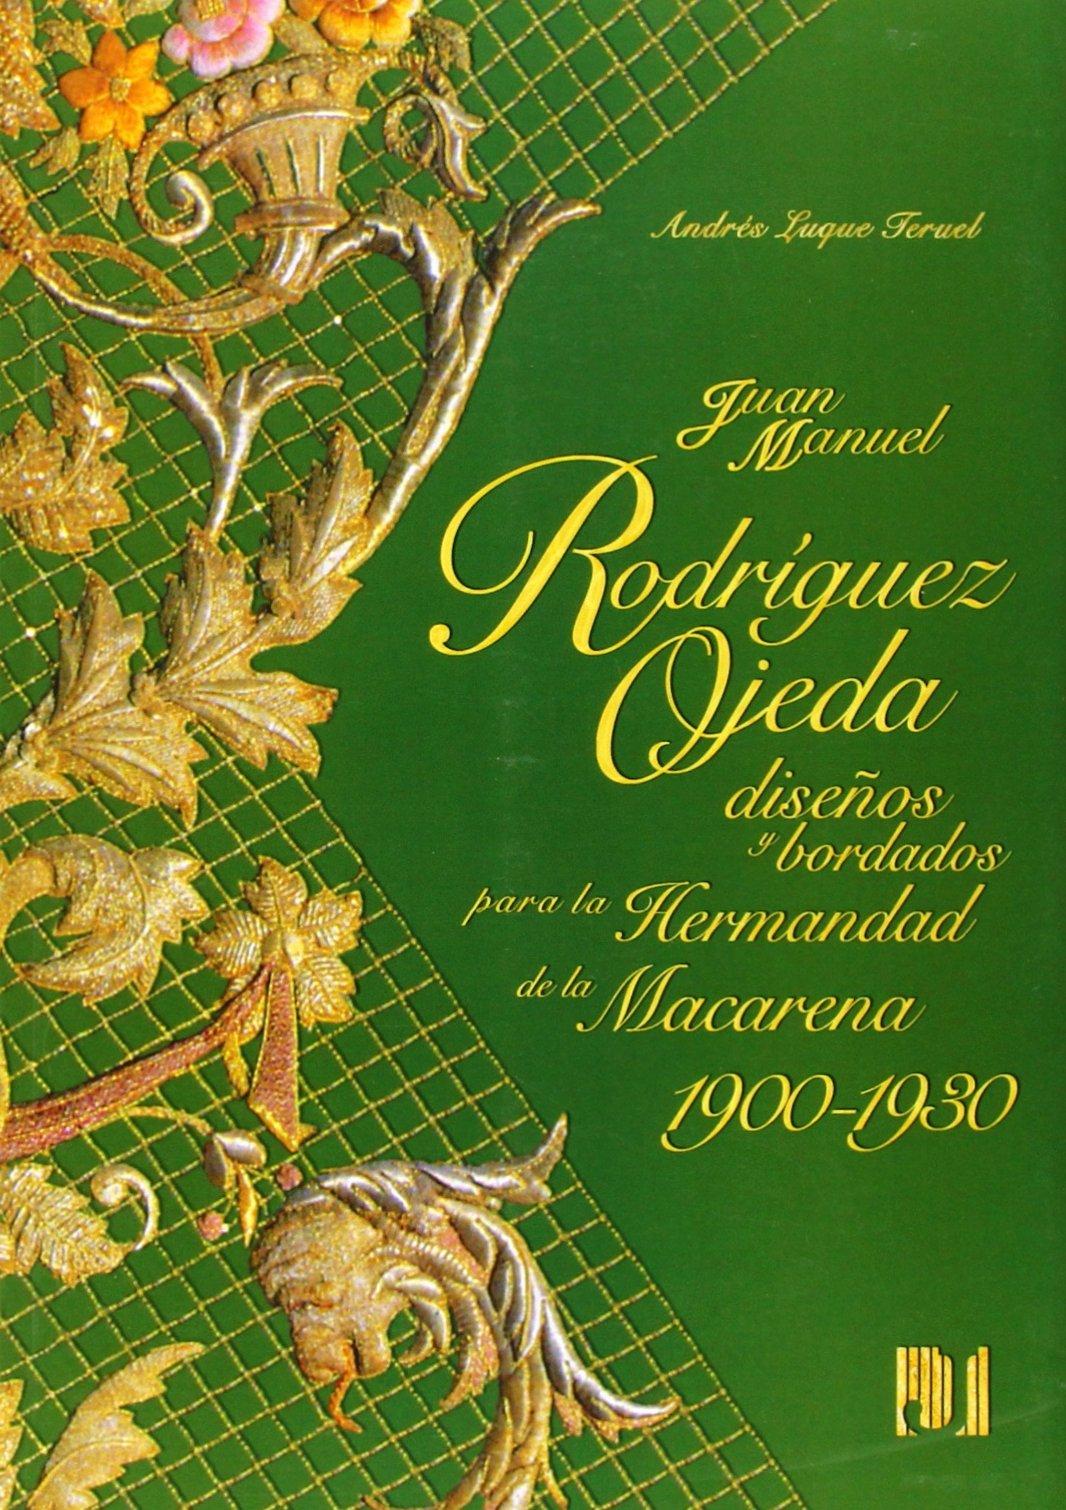 Juan Manuel Rodríguez Ojeda diseños y bordados para la hermandad de la macarena 1900-1930: Amazon.es: Andres Luque Teruel: Libros